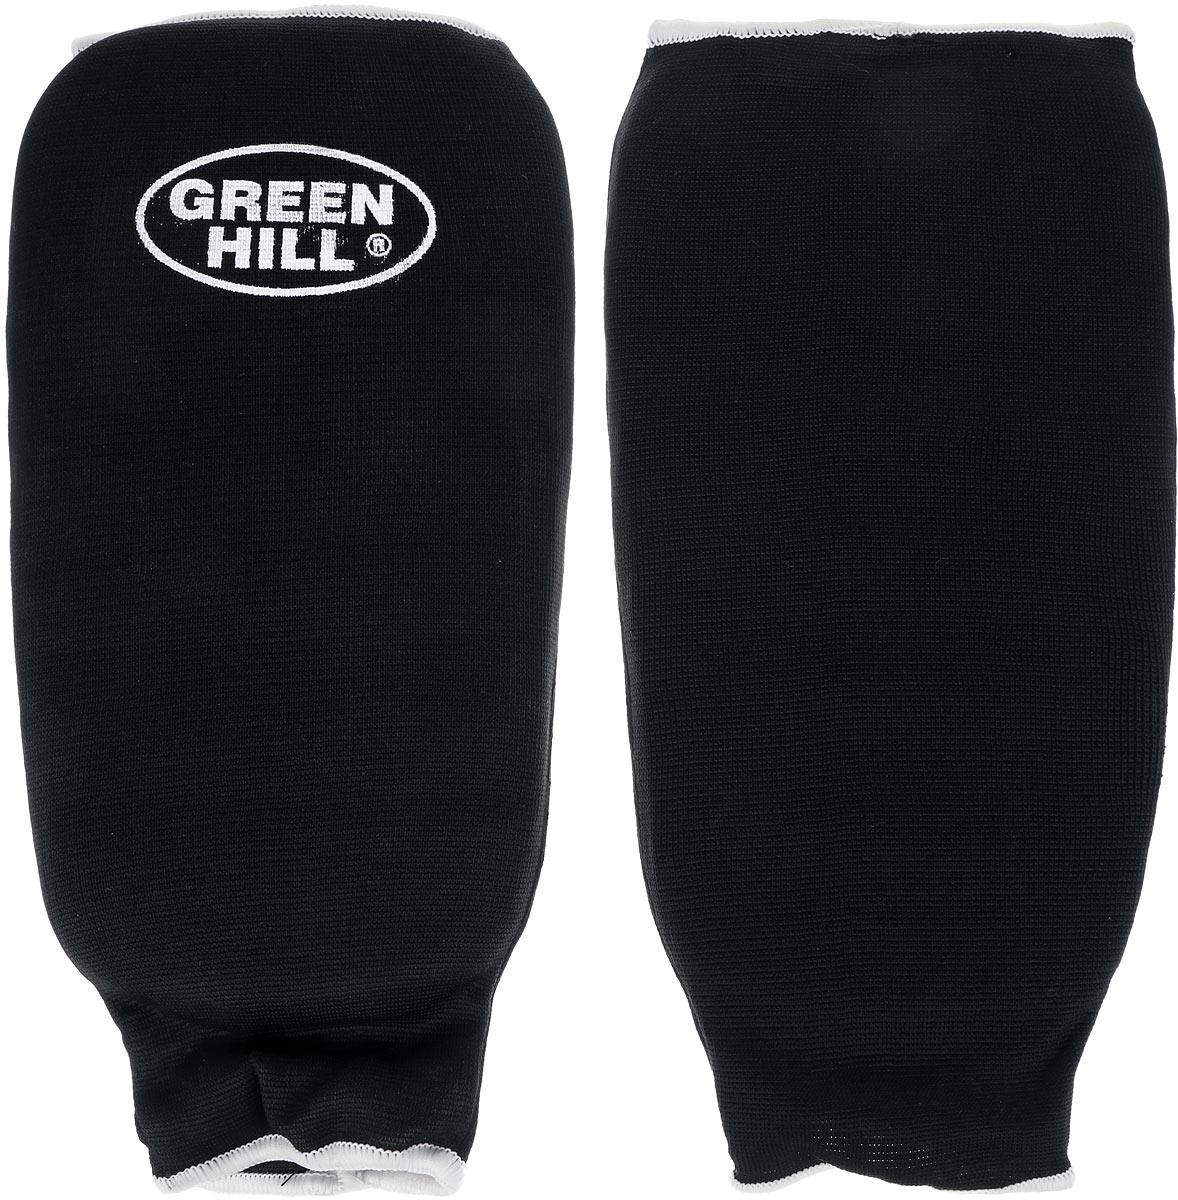 Защита голени Green Hill, цвет: черный, белый. Размер M. SPC-6210